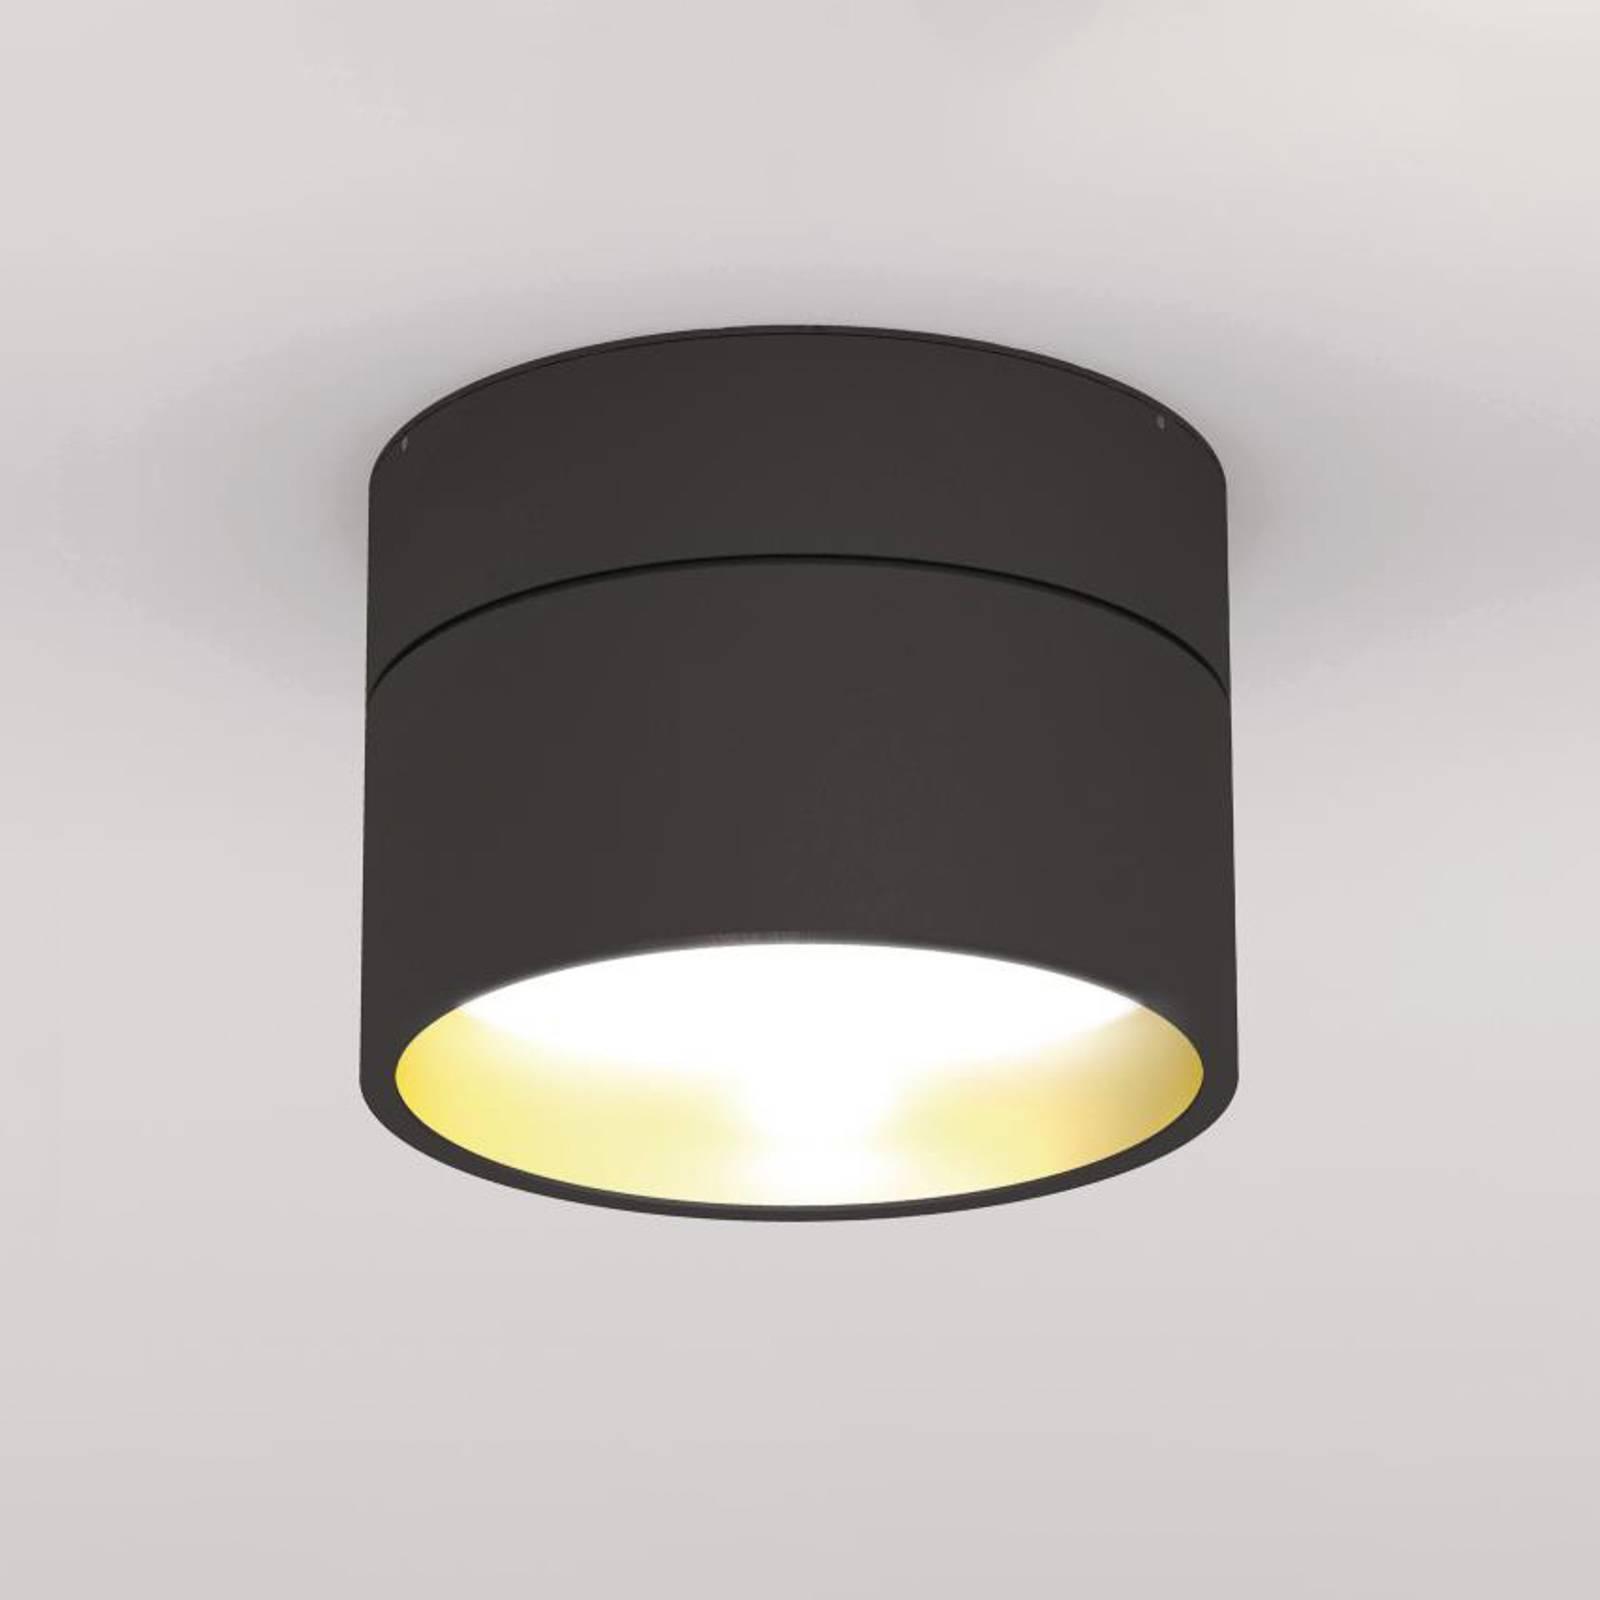 LOUM Turn on LED-Deckenleuchte 2.700K schwarz/gold